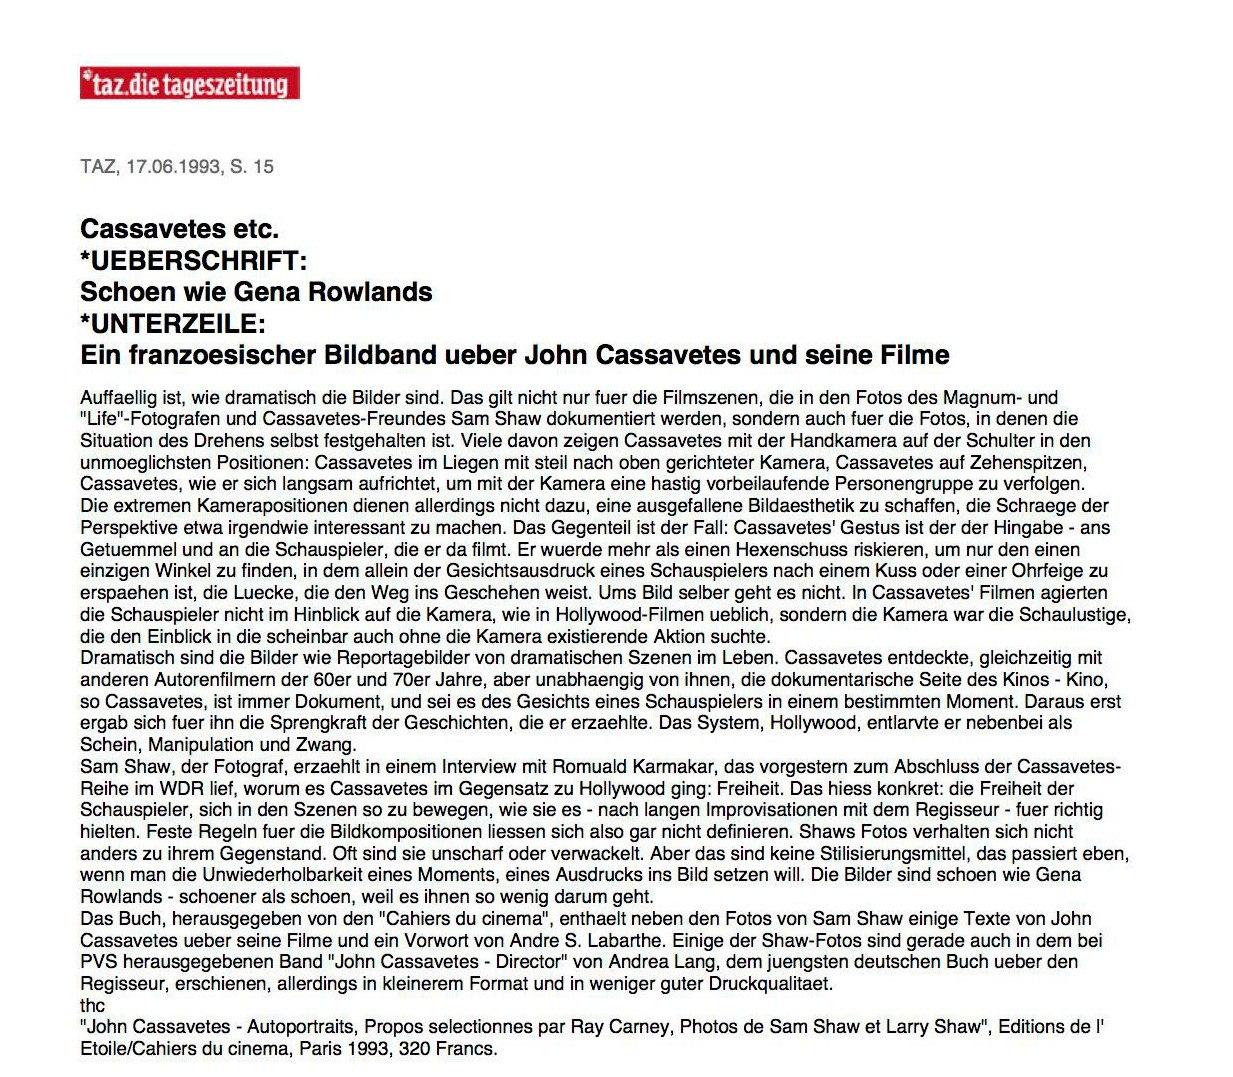 CASSAVETES ETC. / SCHÖN WIE GENA ROWLANDS